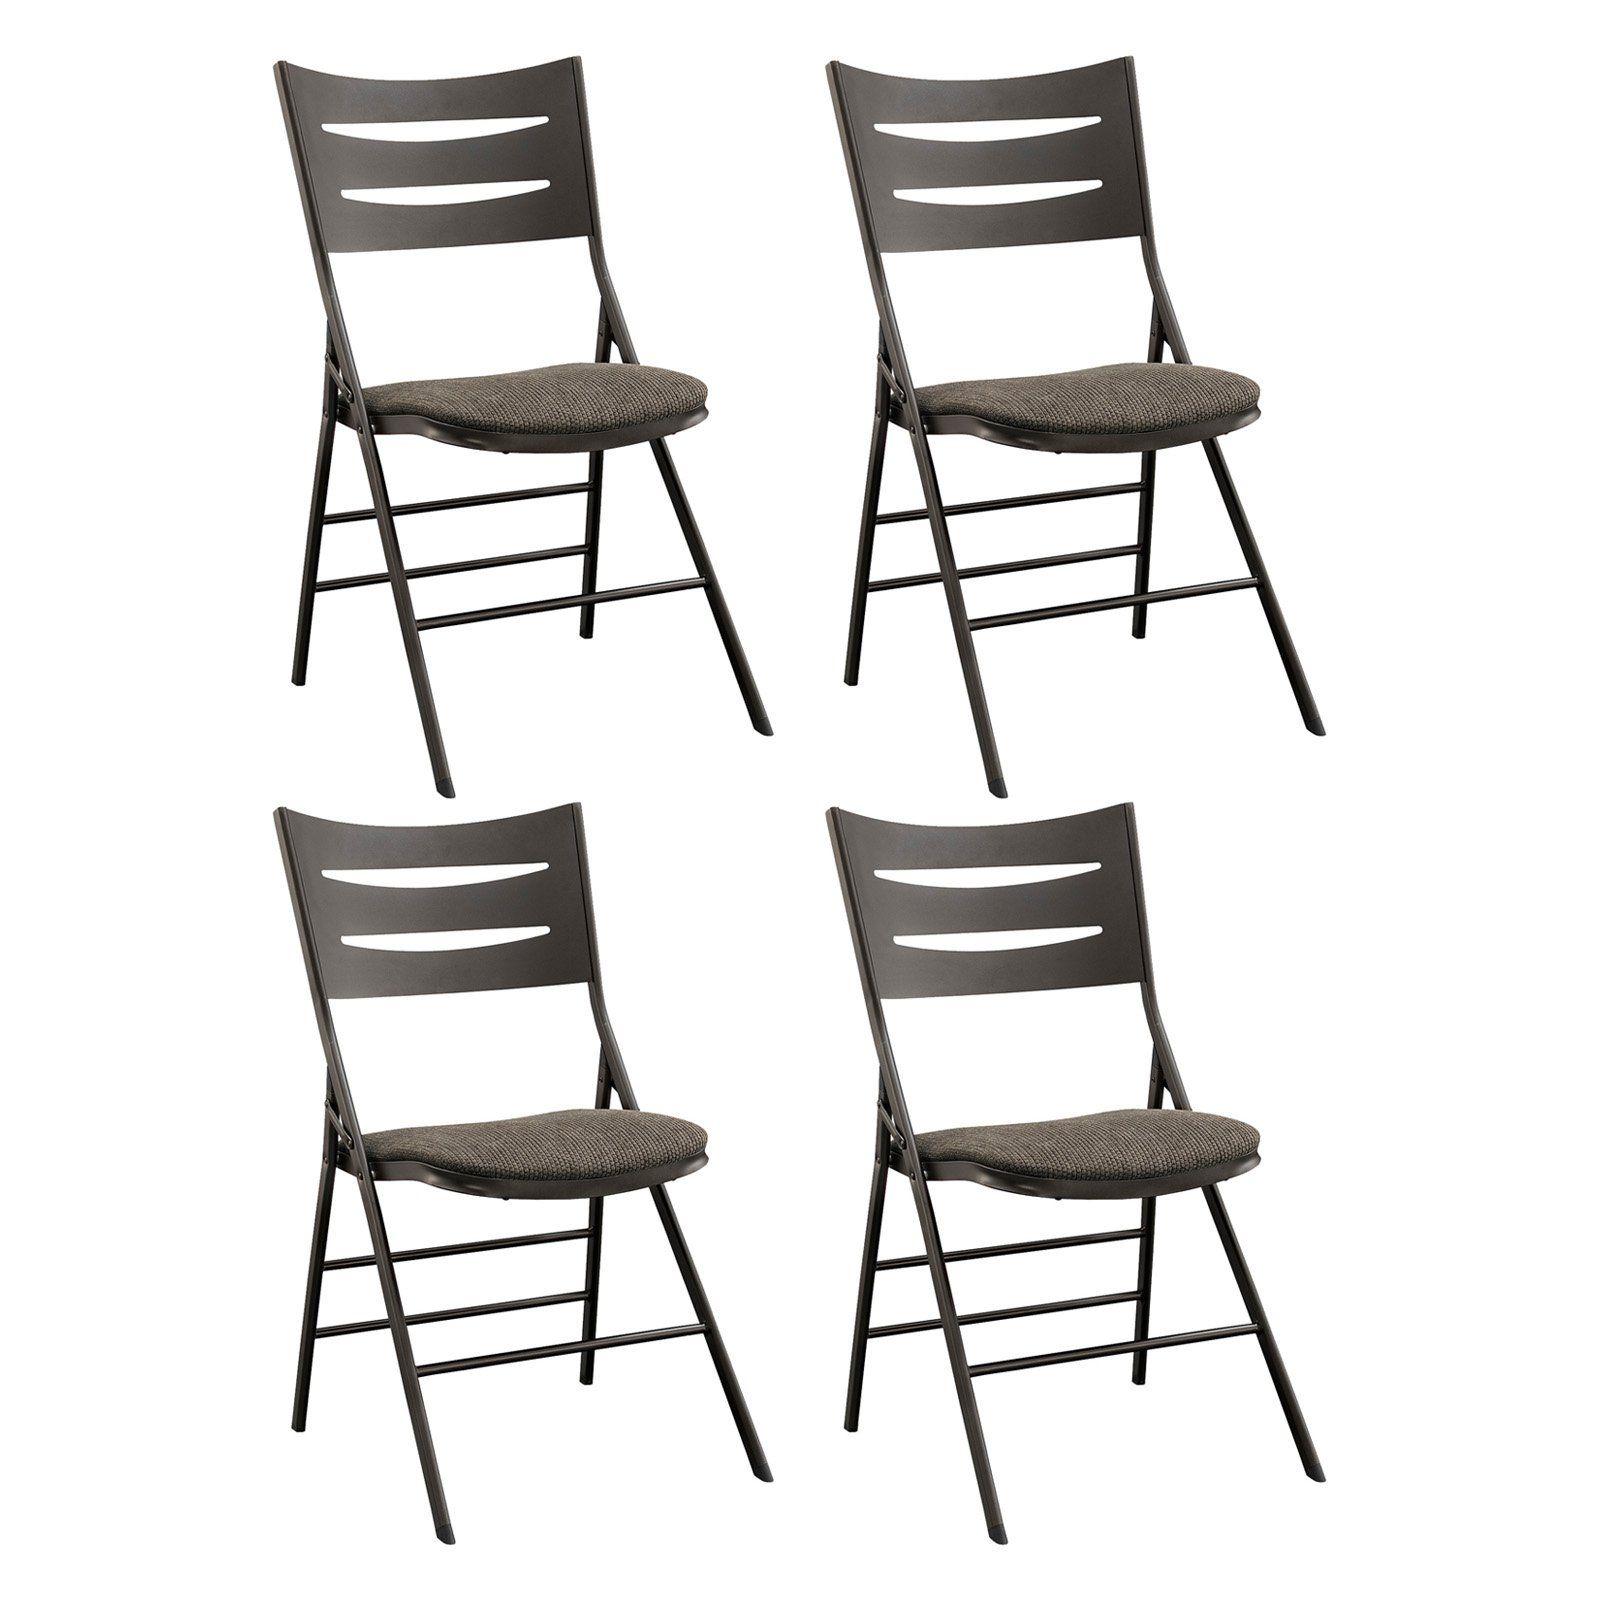 Tremendous Sudden Comfort Destiny Slat Back Folding Chair Set Of 4 Pabps2019 Chair Design Images Pabps2019Com